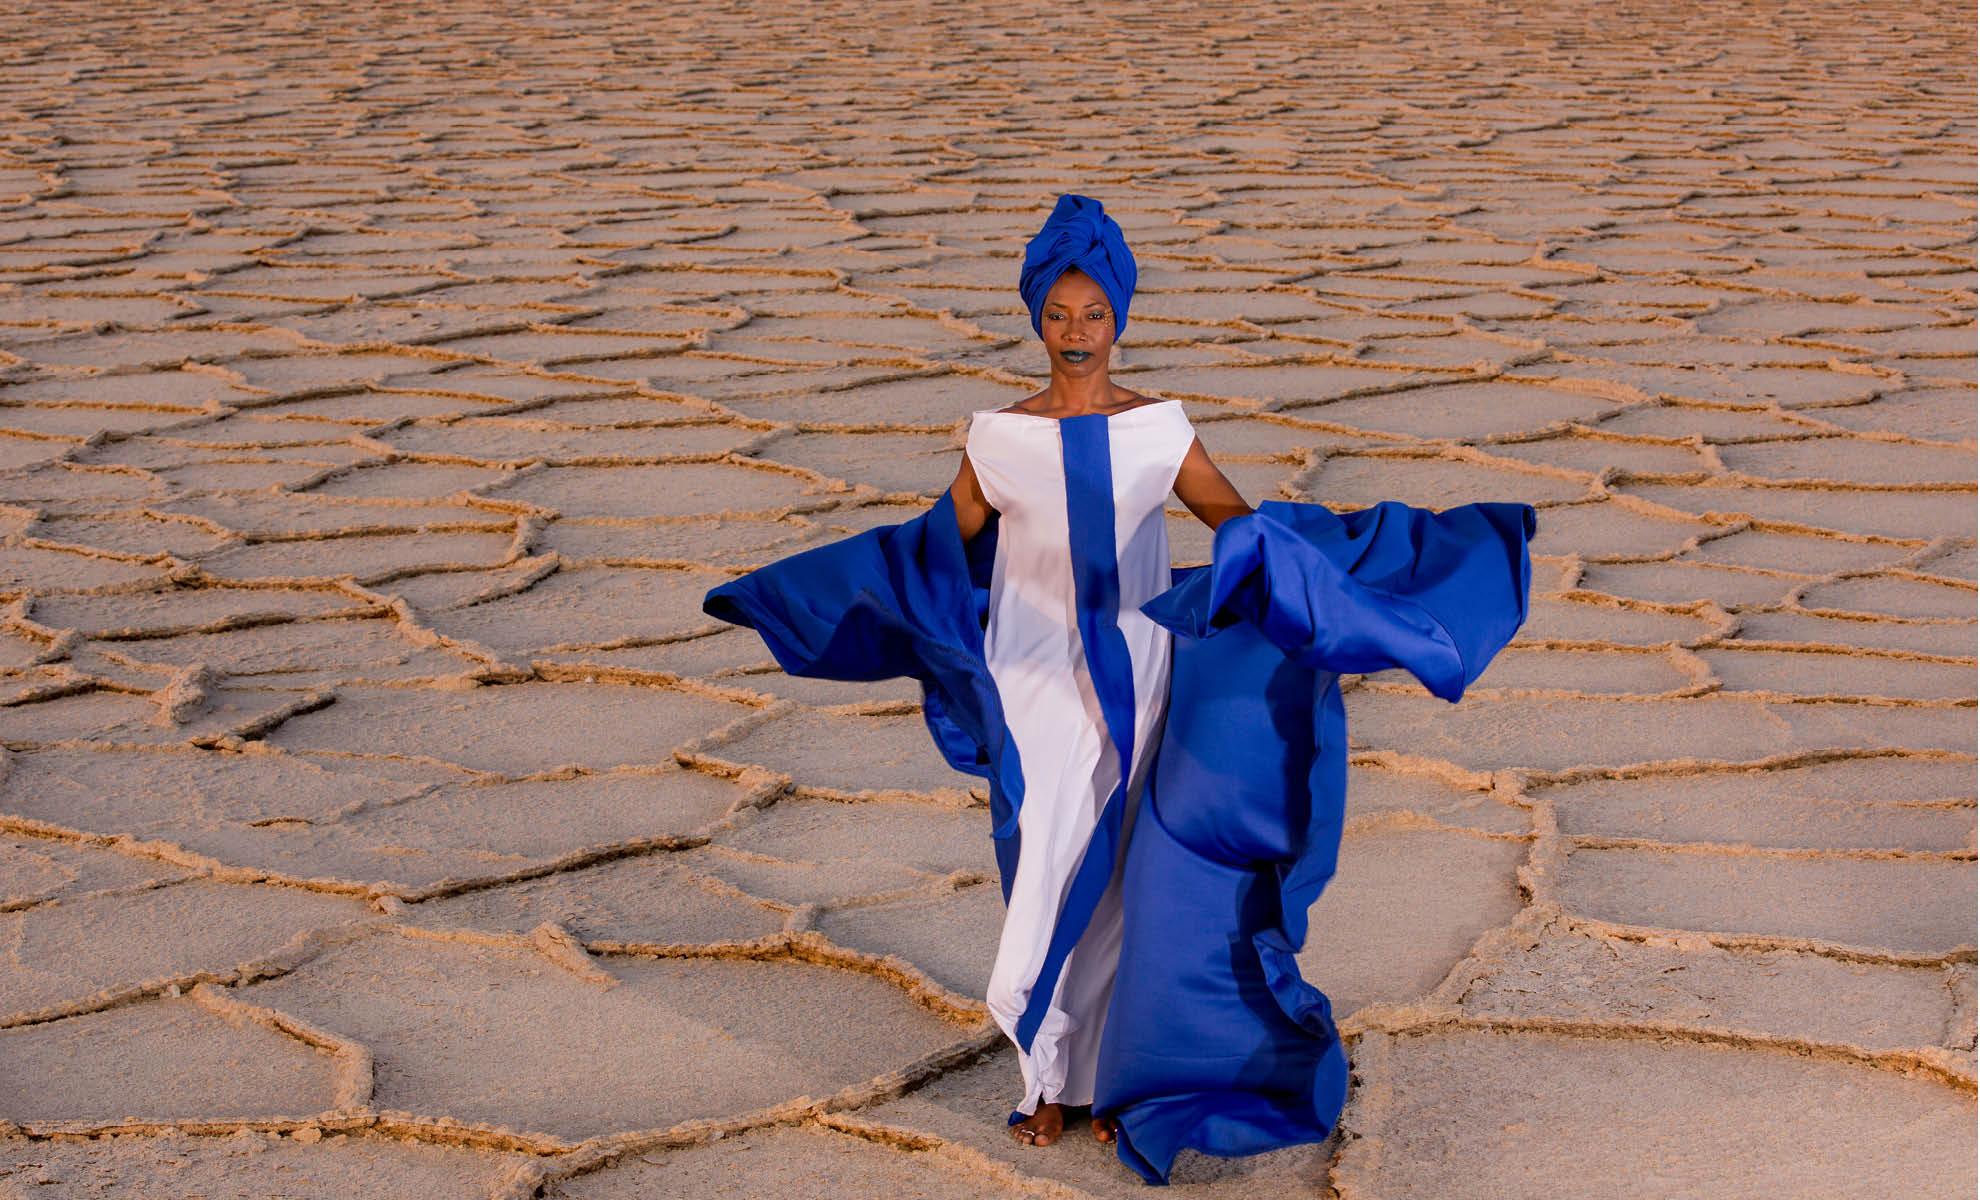 Concert de Fatoumata Diawara - Productions Nuits d'Afrique